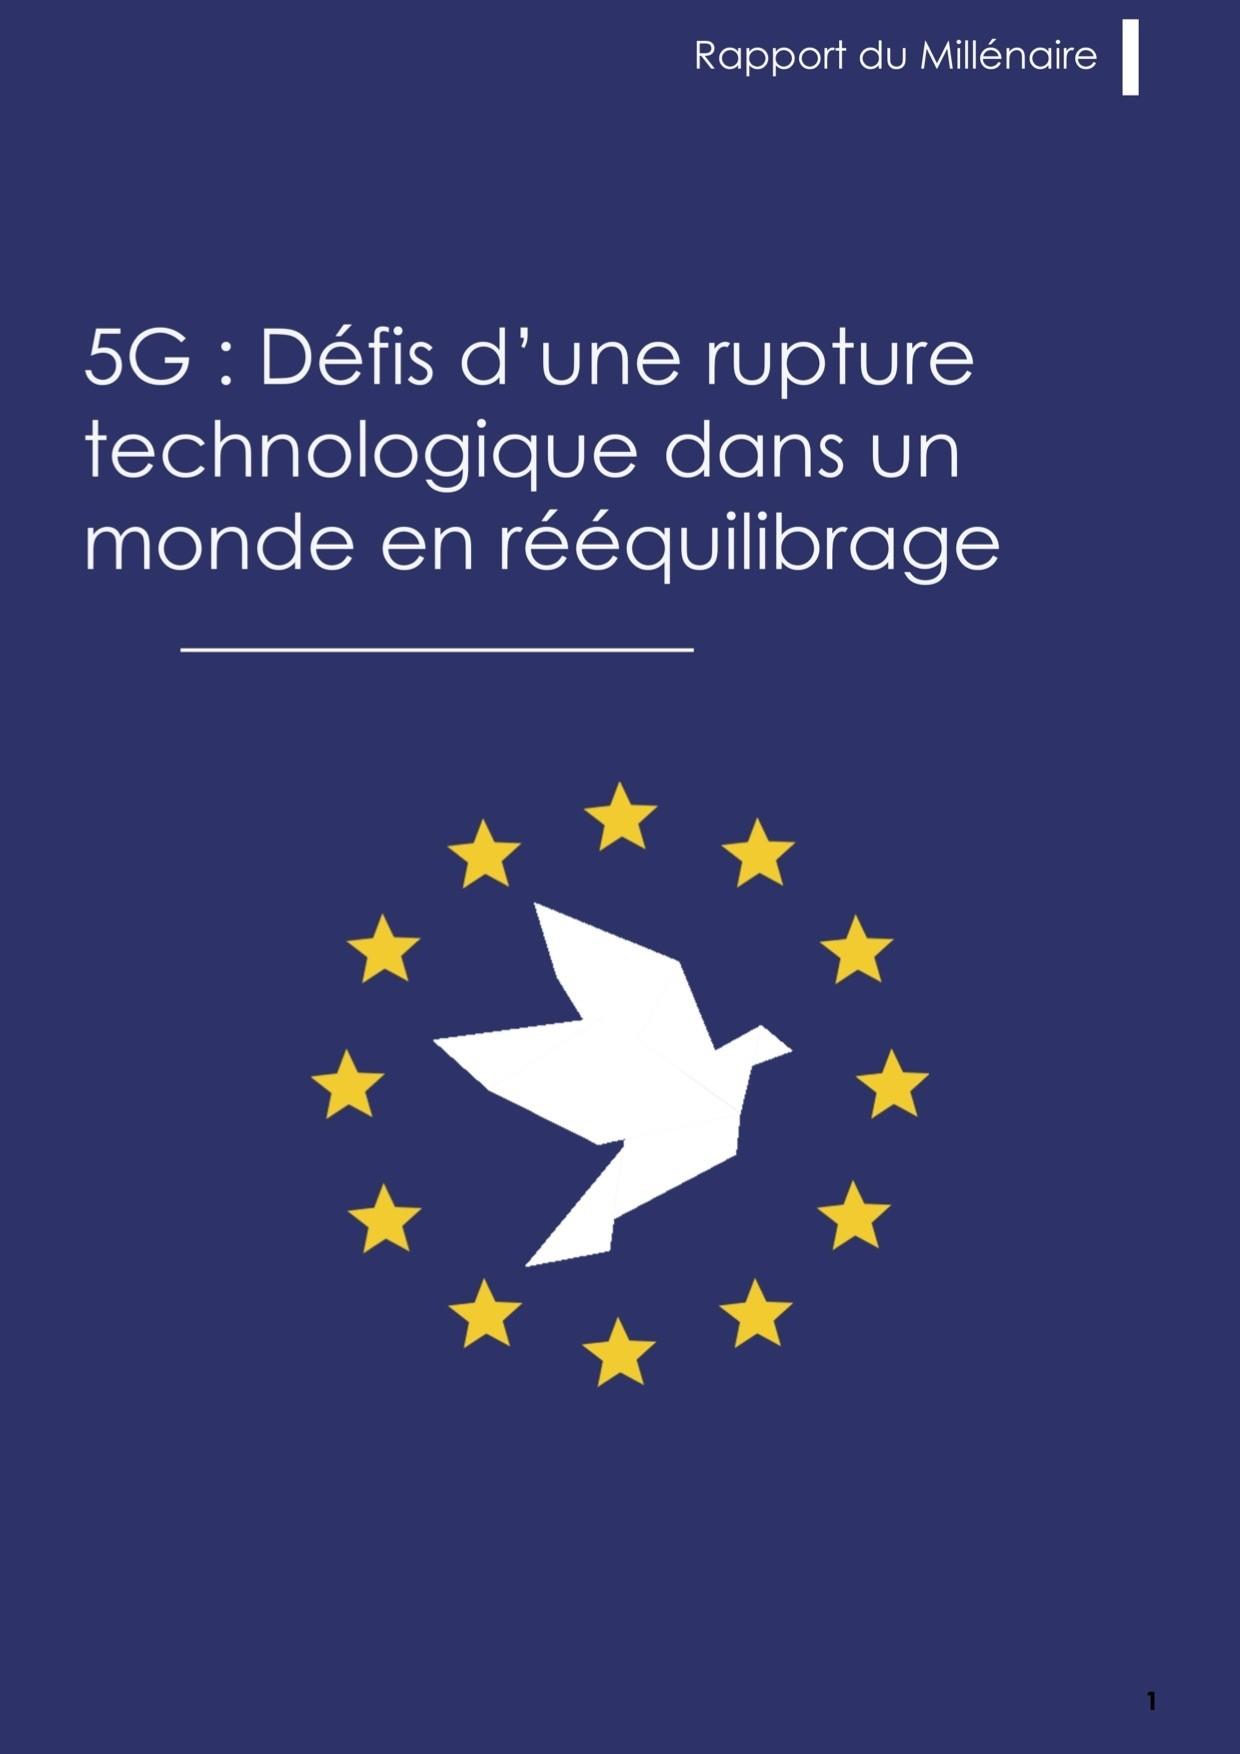 Rapport du Millénaire – 5G : Défis d'une rupture technologique dans un monde en rééquilibrage